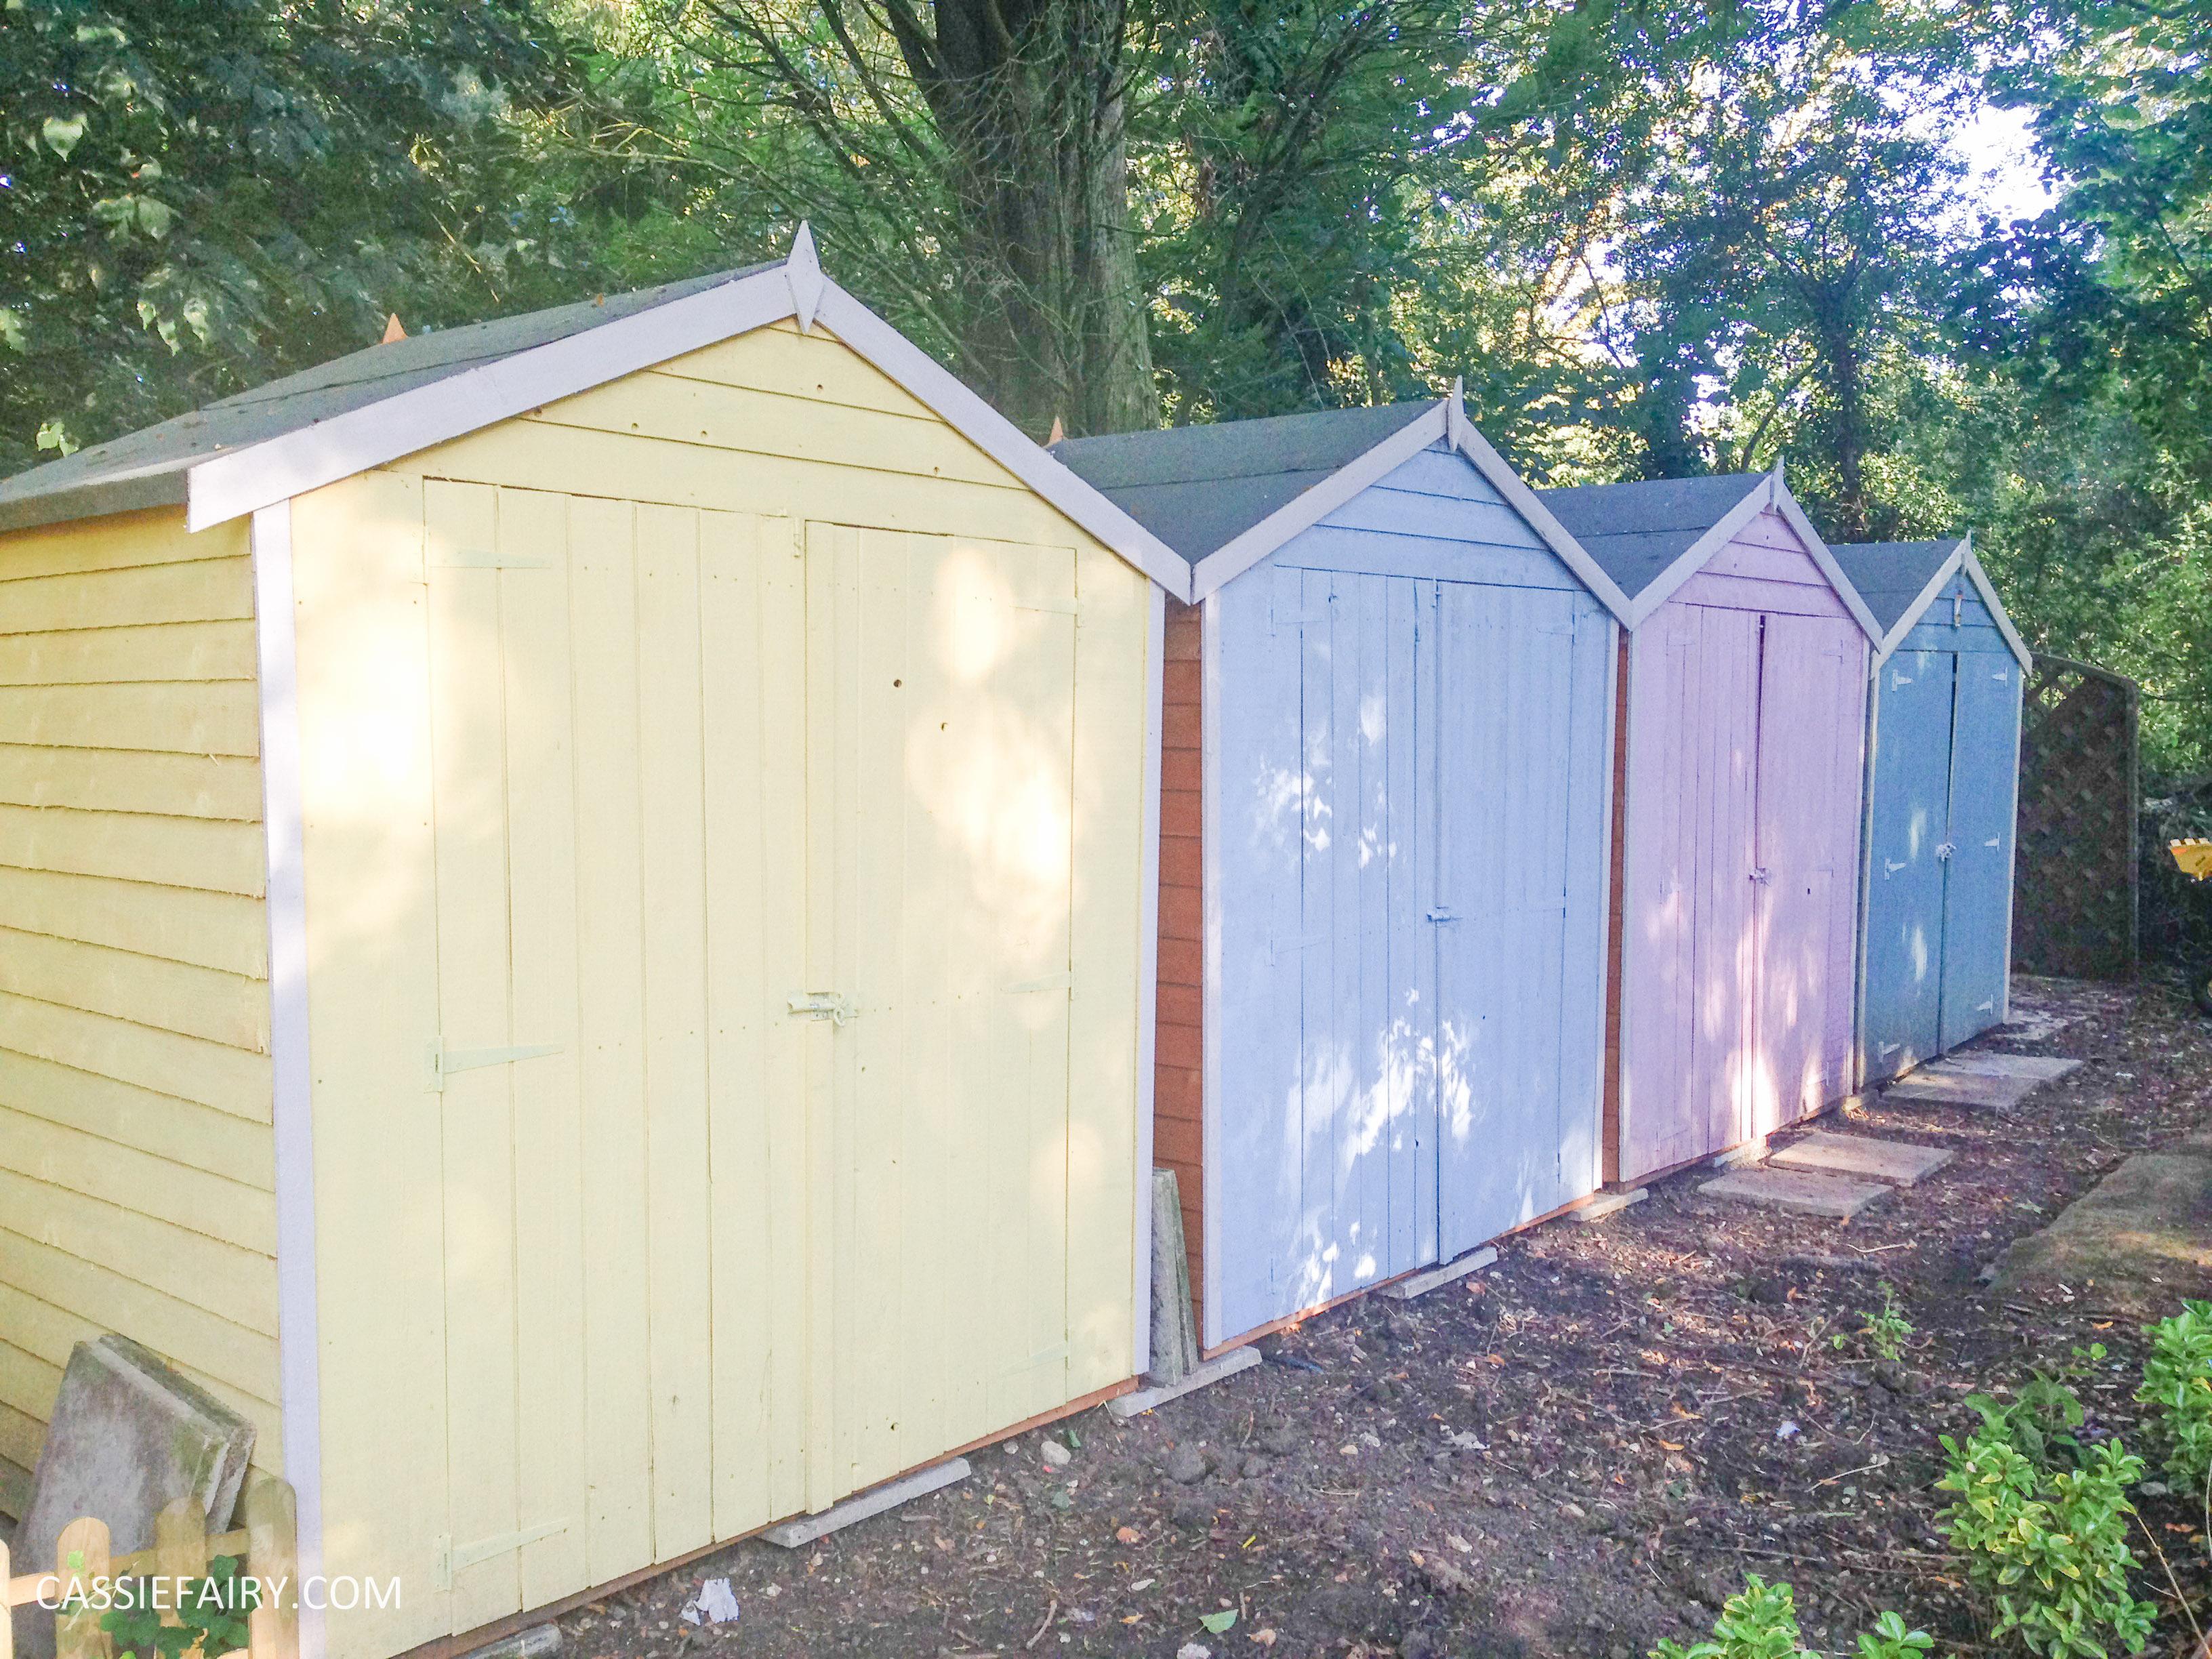 Summer hut designs crowdbuild for for Beach hut designs